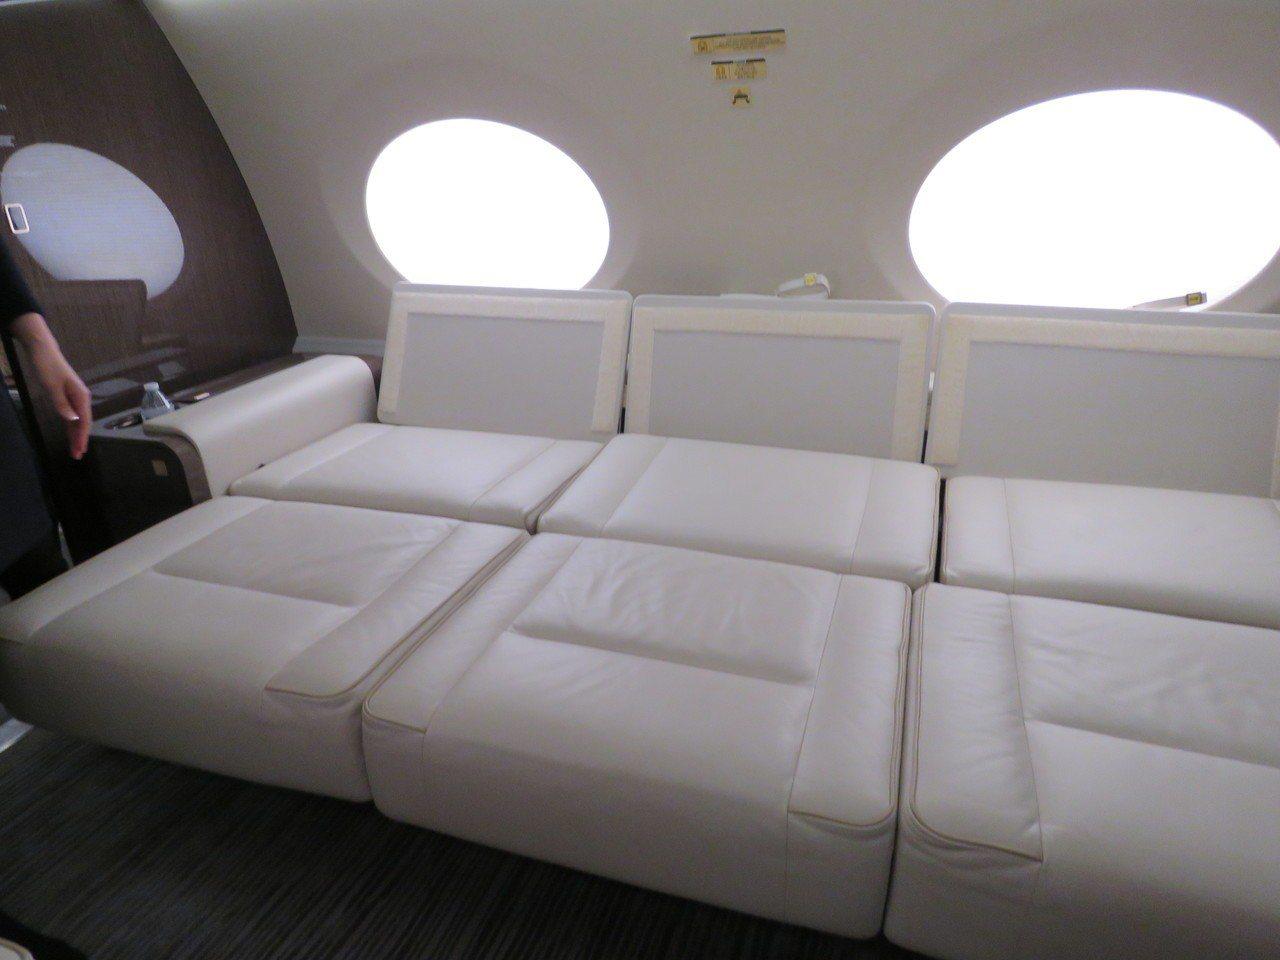 鴻海董事長郭台銘私人專機後座的對排座椅可鋪平成床。記者張加/攝影